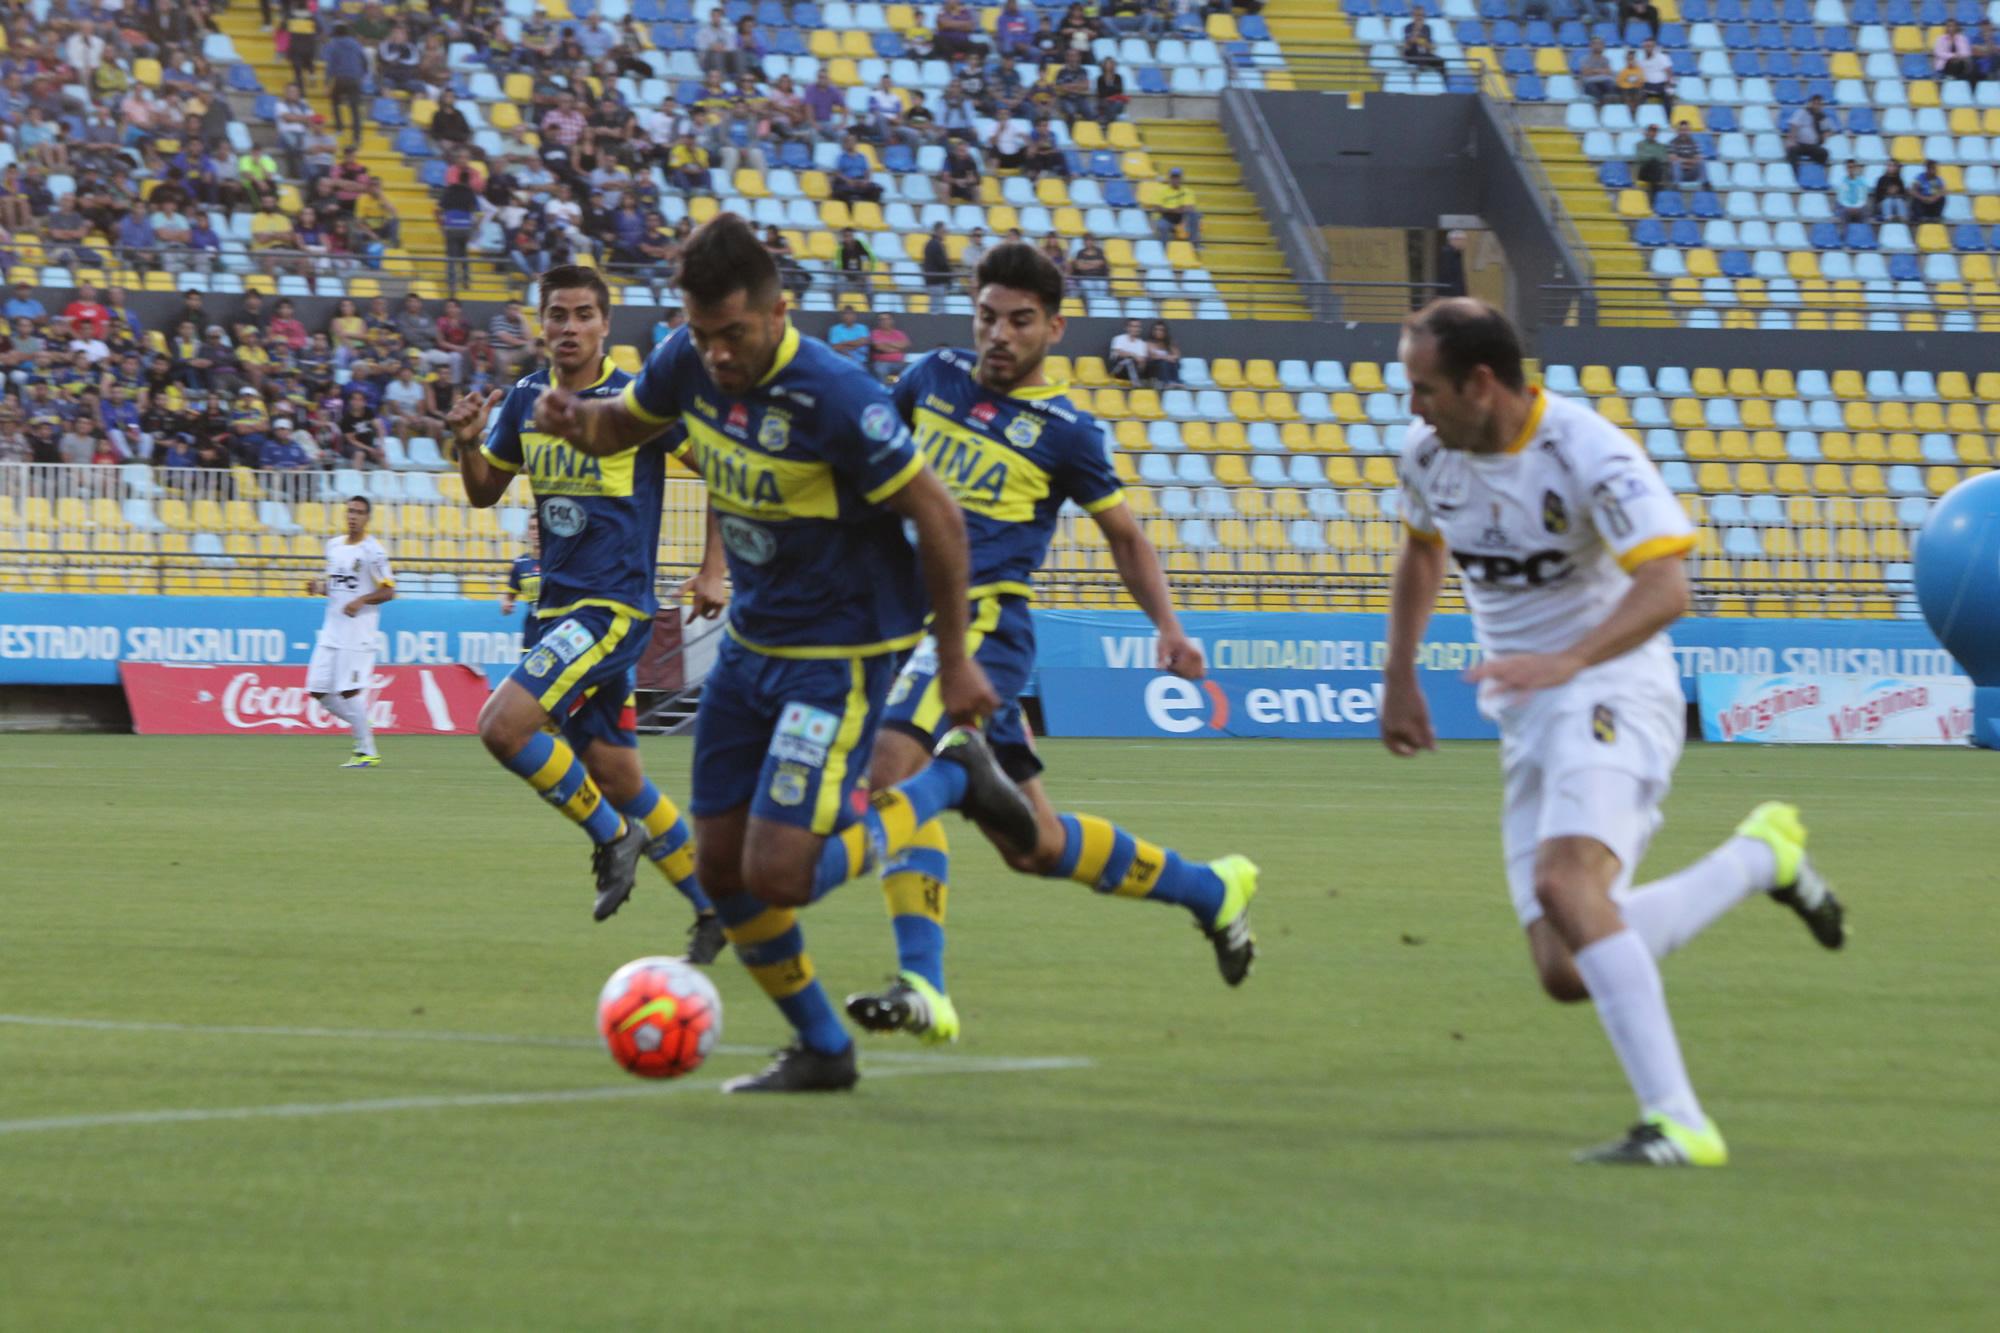 Galería de fotos: Everton vs Coquimbo Unido